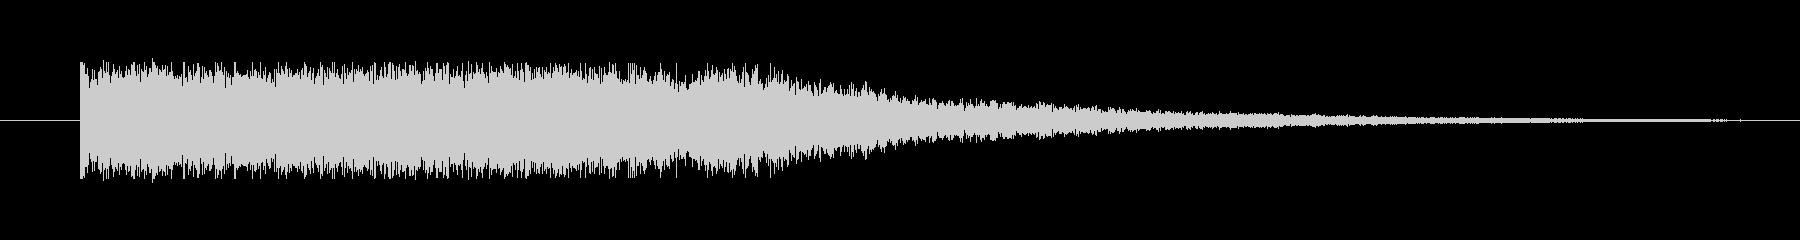 間抜け演出音の未再生の波形